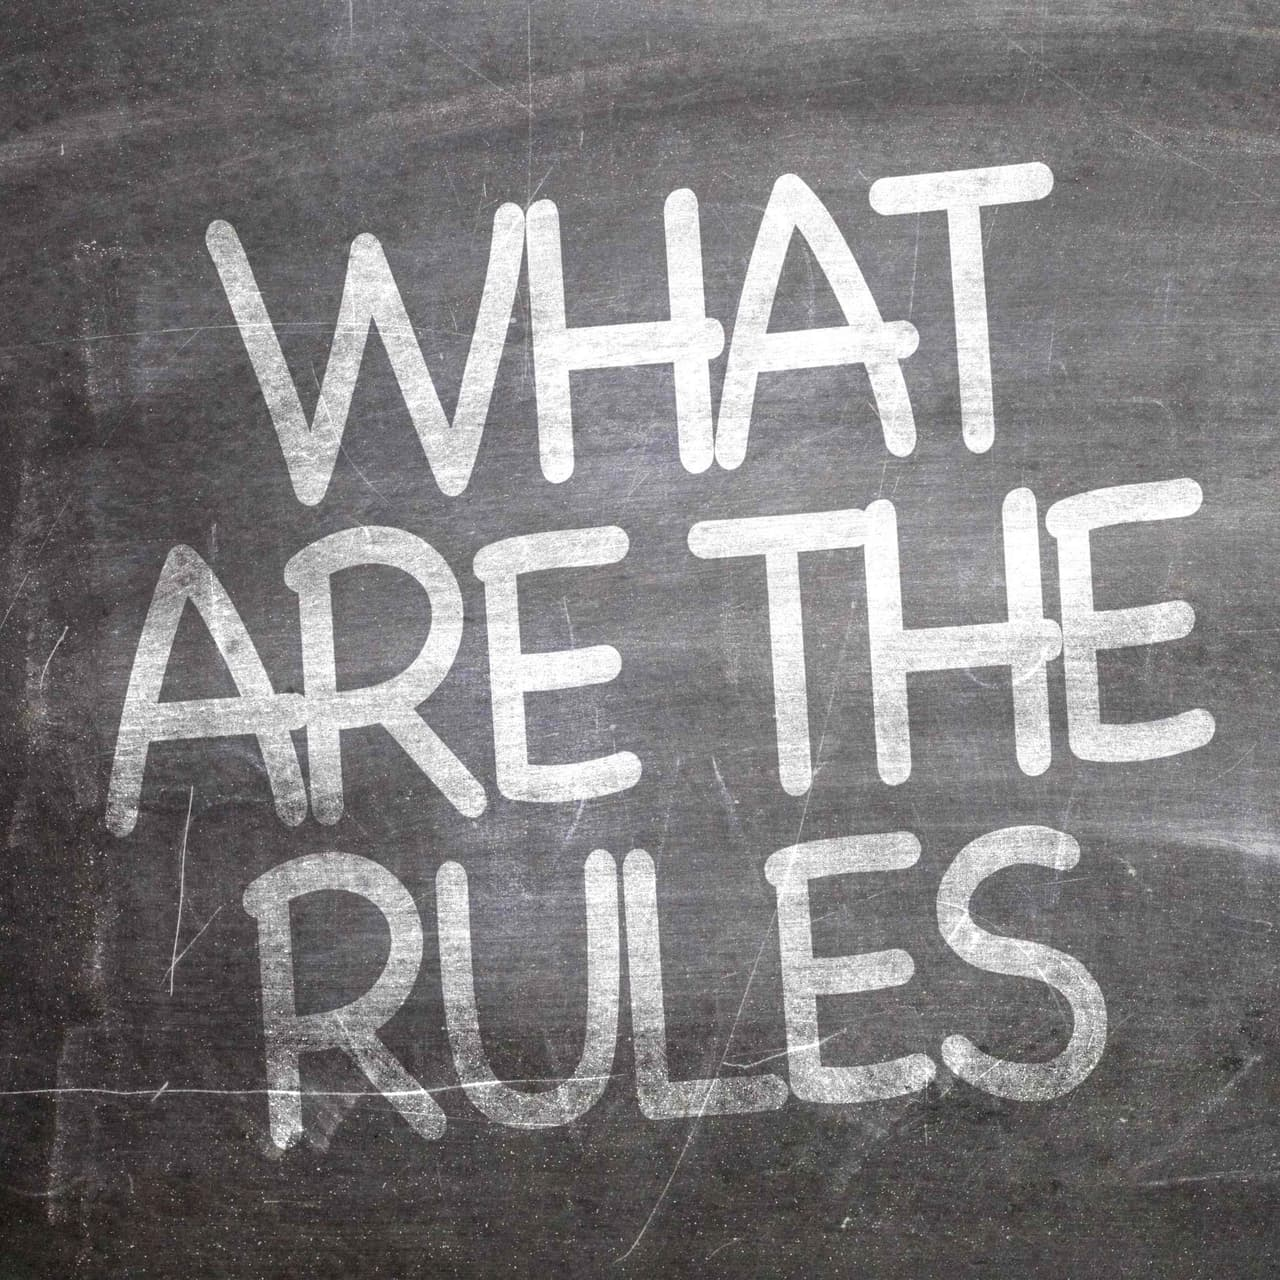 いきすぎた学校のルールでは子どもの【考える力】は育たない